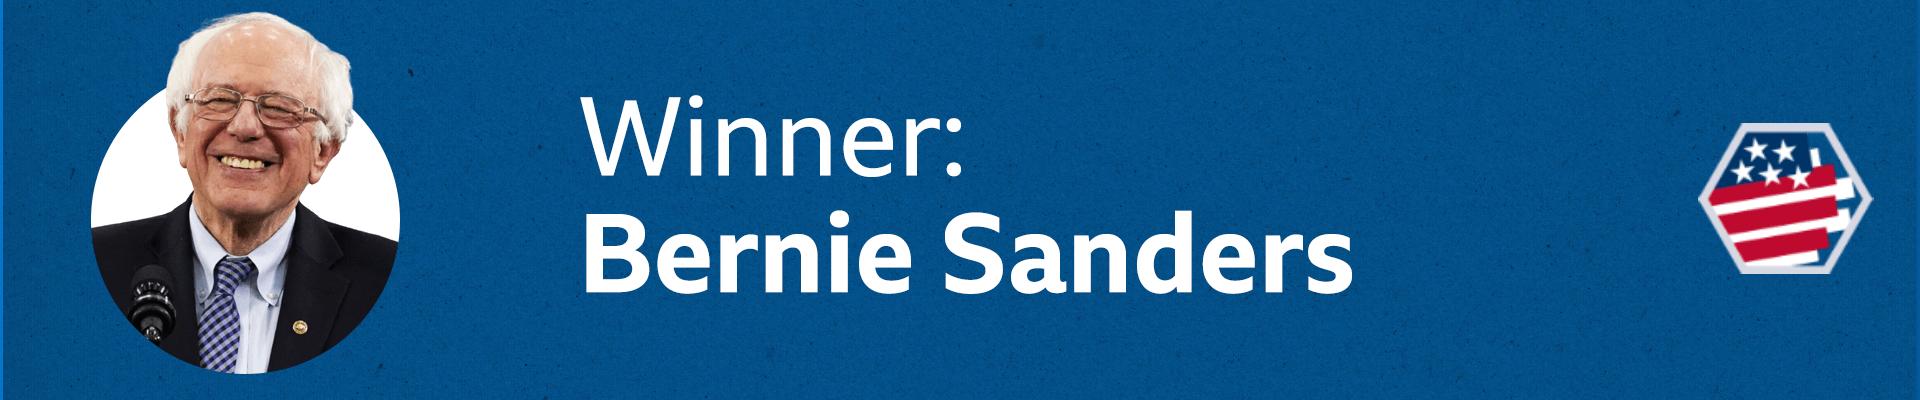 Winner: Bernie Sanders